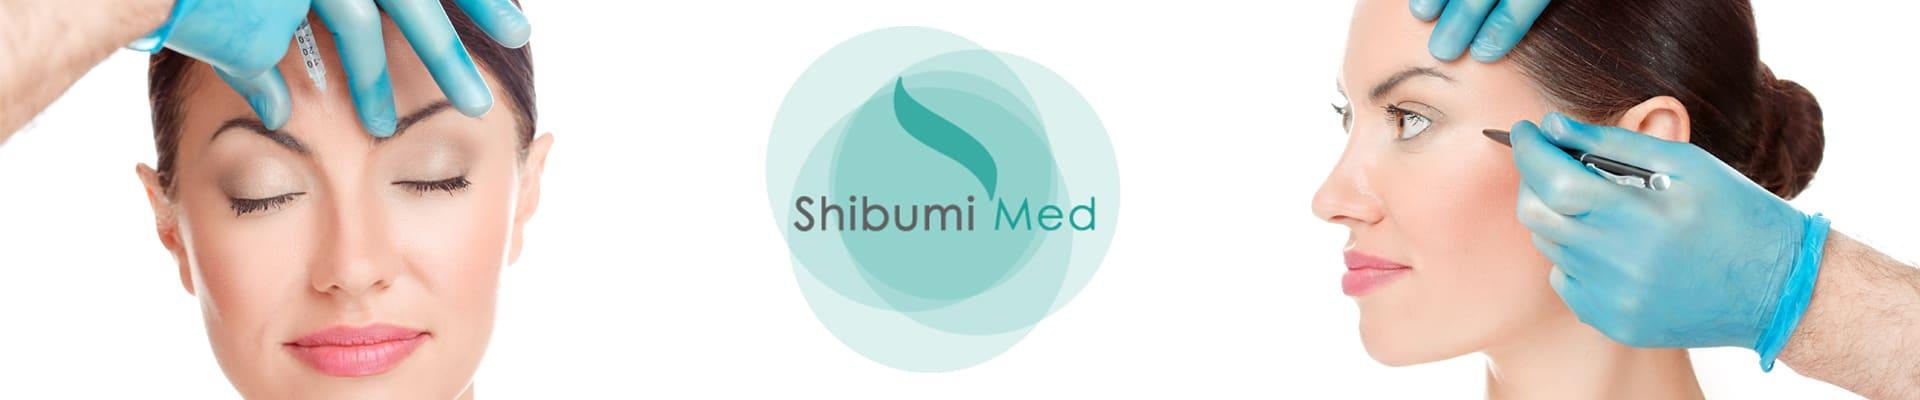 Shibumi Med Lifting Sopracciglio